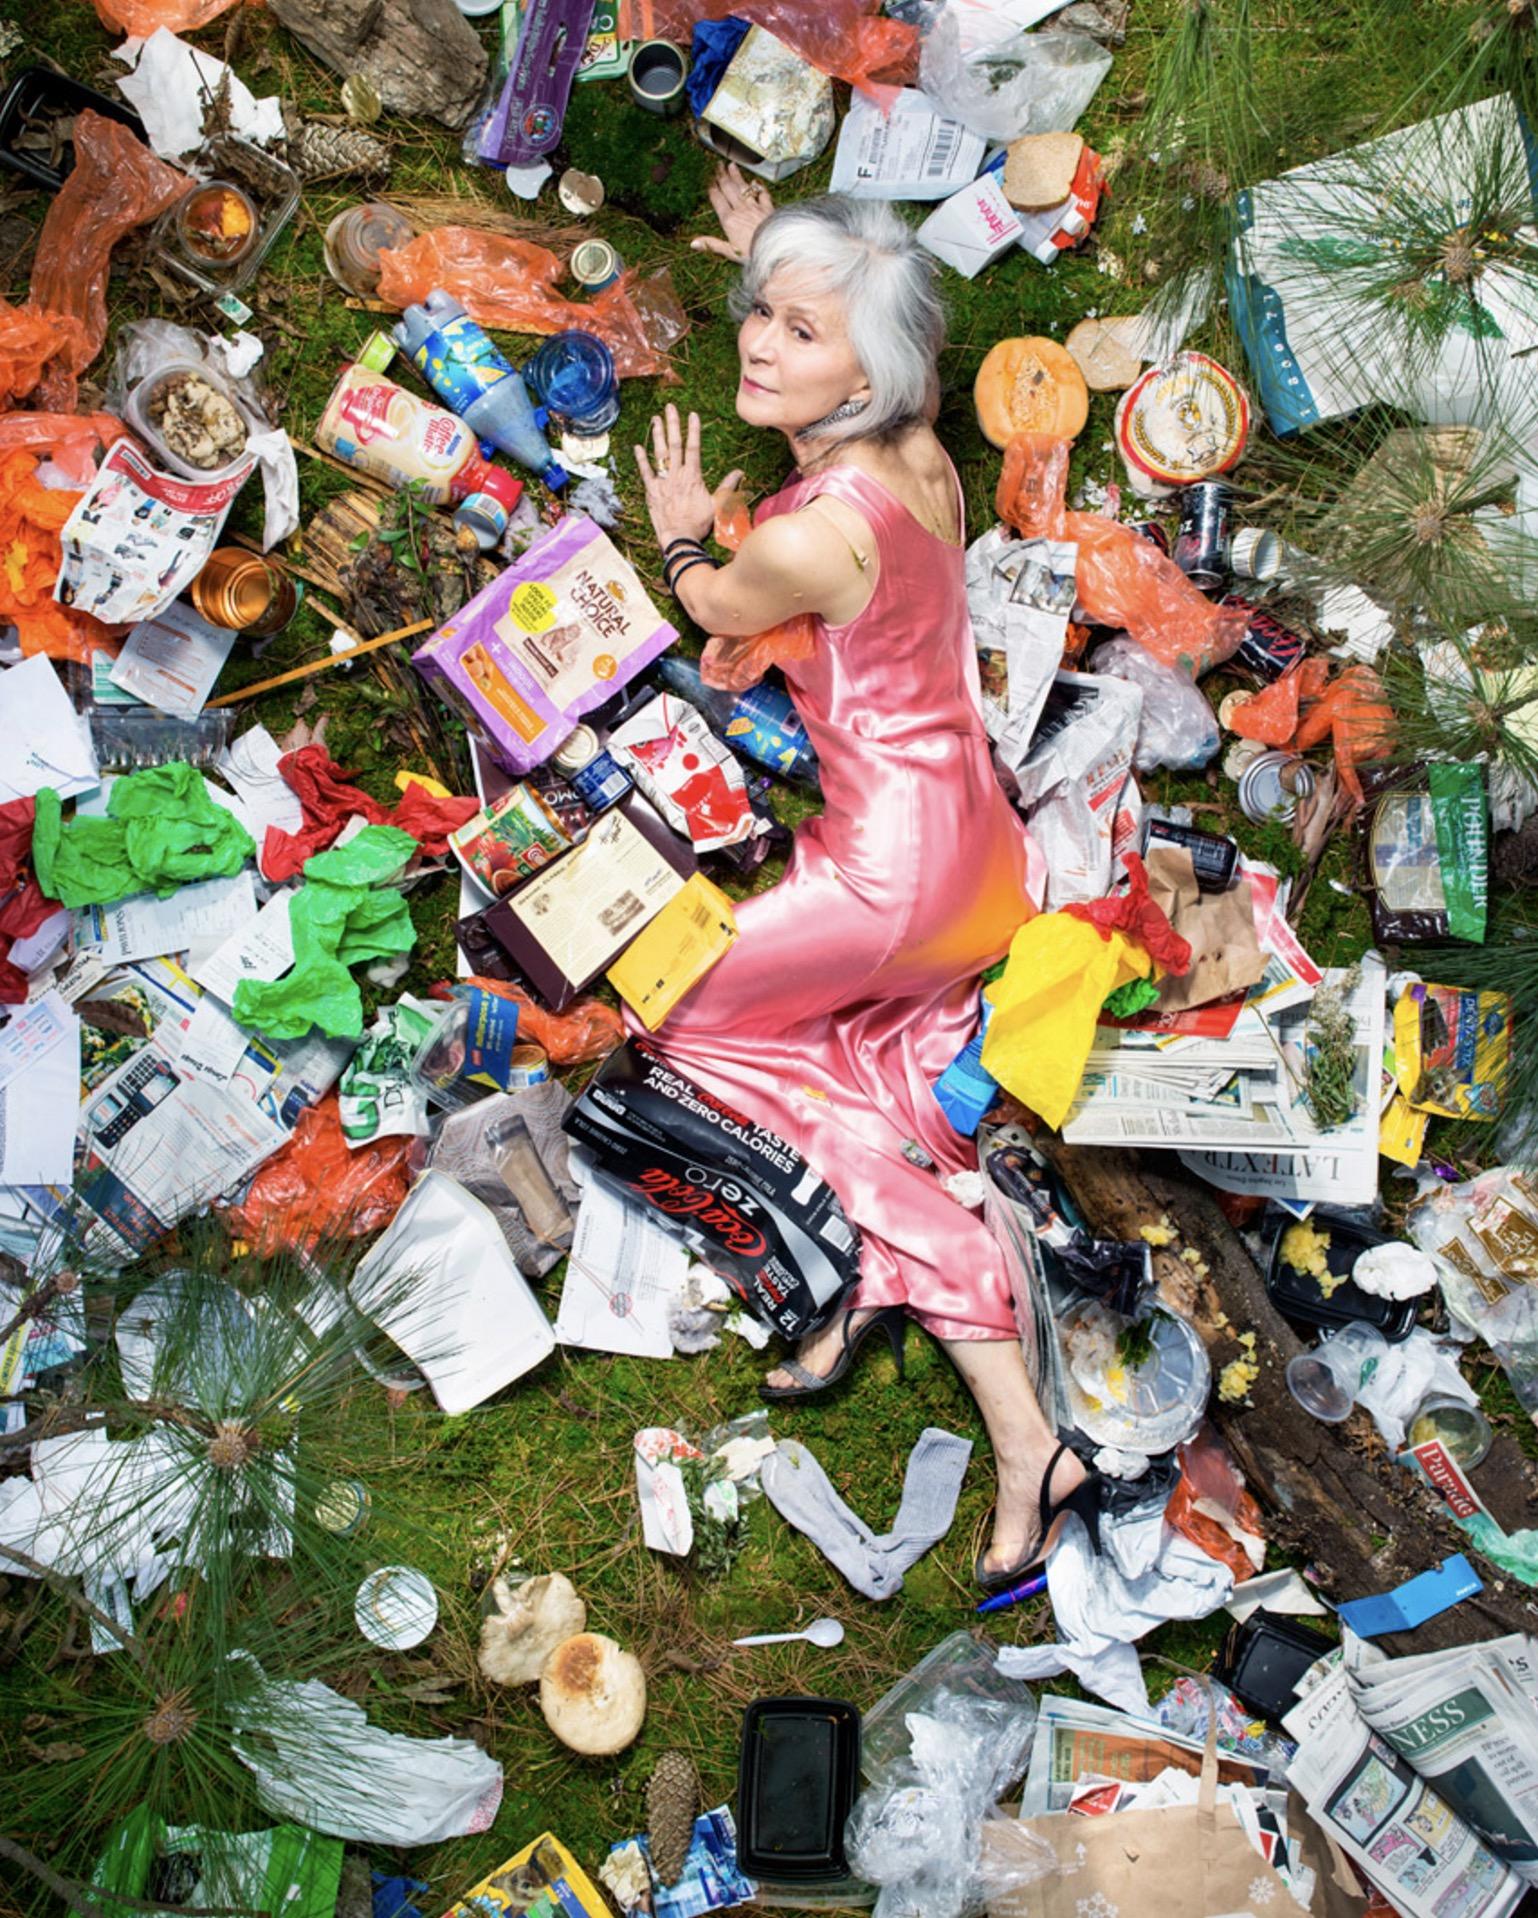 7 Days Of Garbage_Gregg Segal_organiconcrete_12